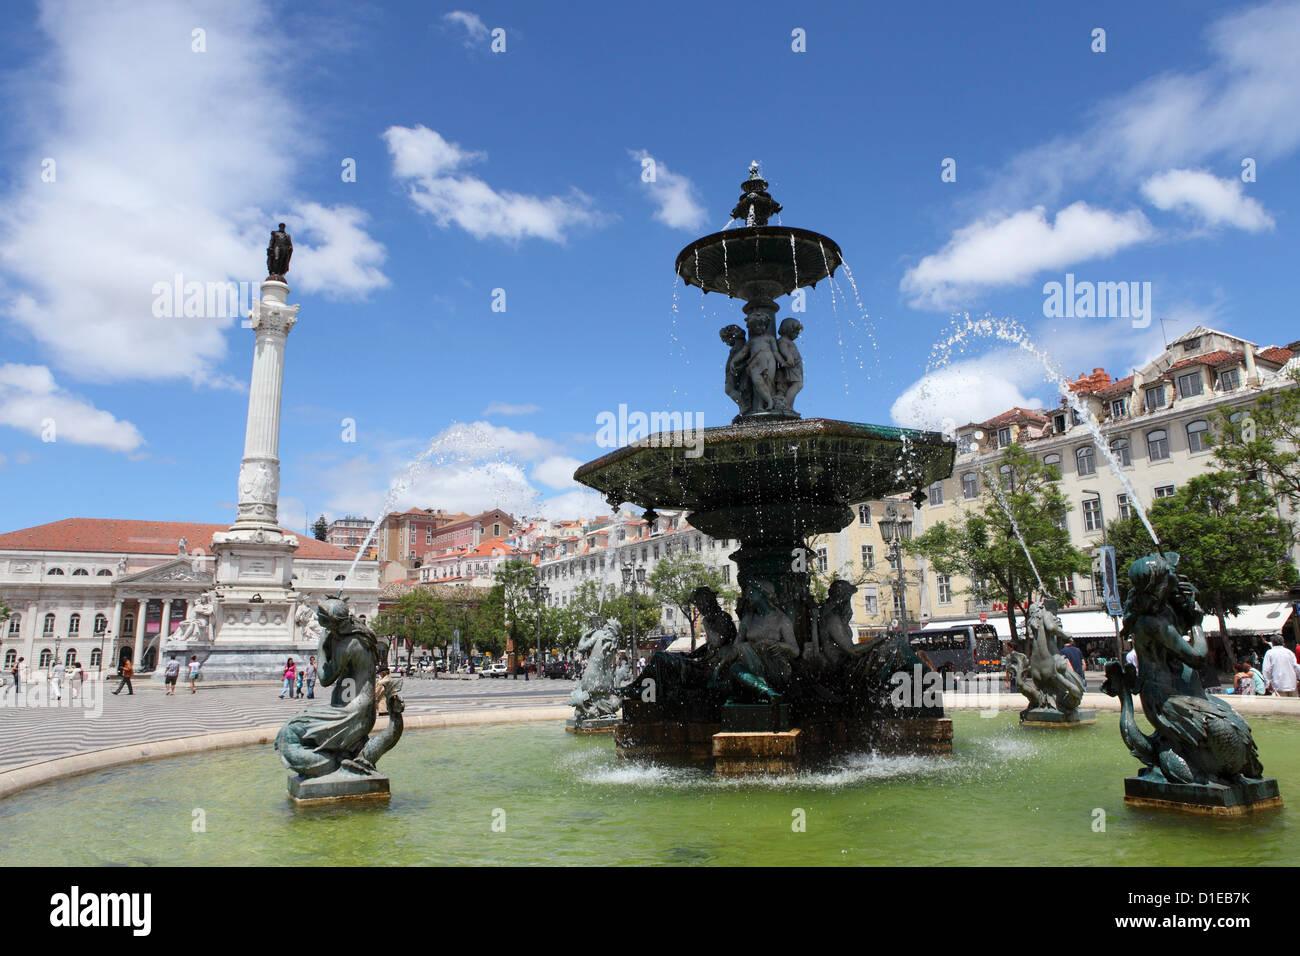 Der Rossio-Brunnen am öffentlichen Platz Praça Dom Pedro IV in Mitteleuropa der Baixa-Viertel, Lissabon, Stockbild